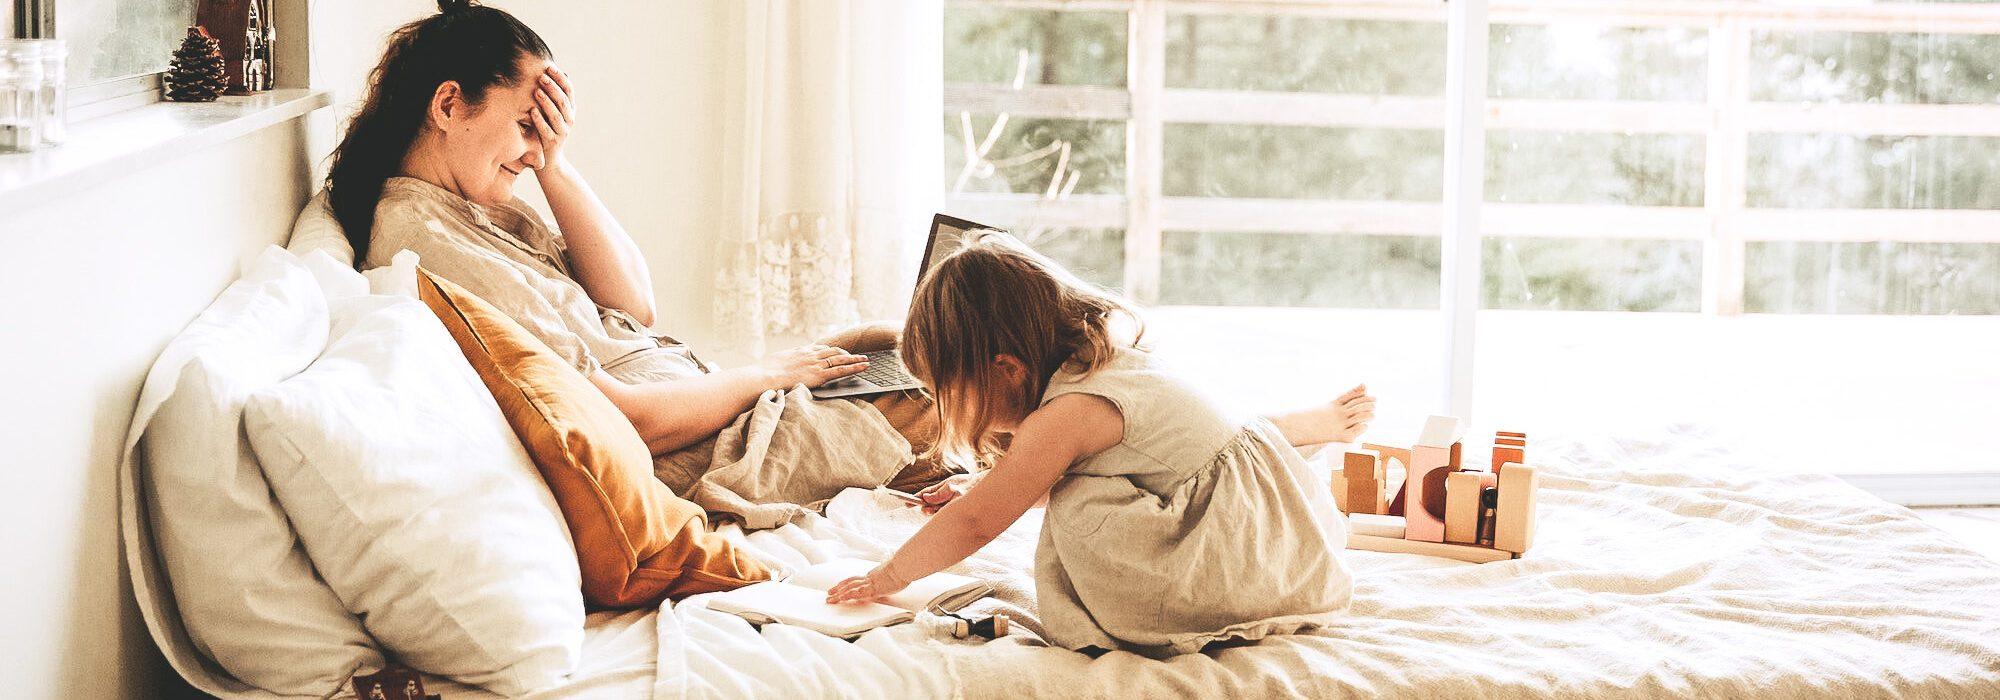 ser freelance cuando tienes hijos